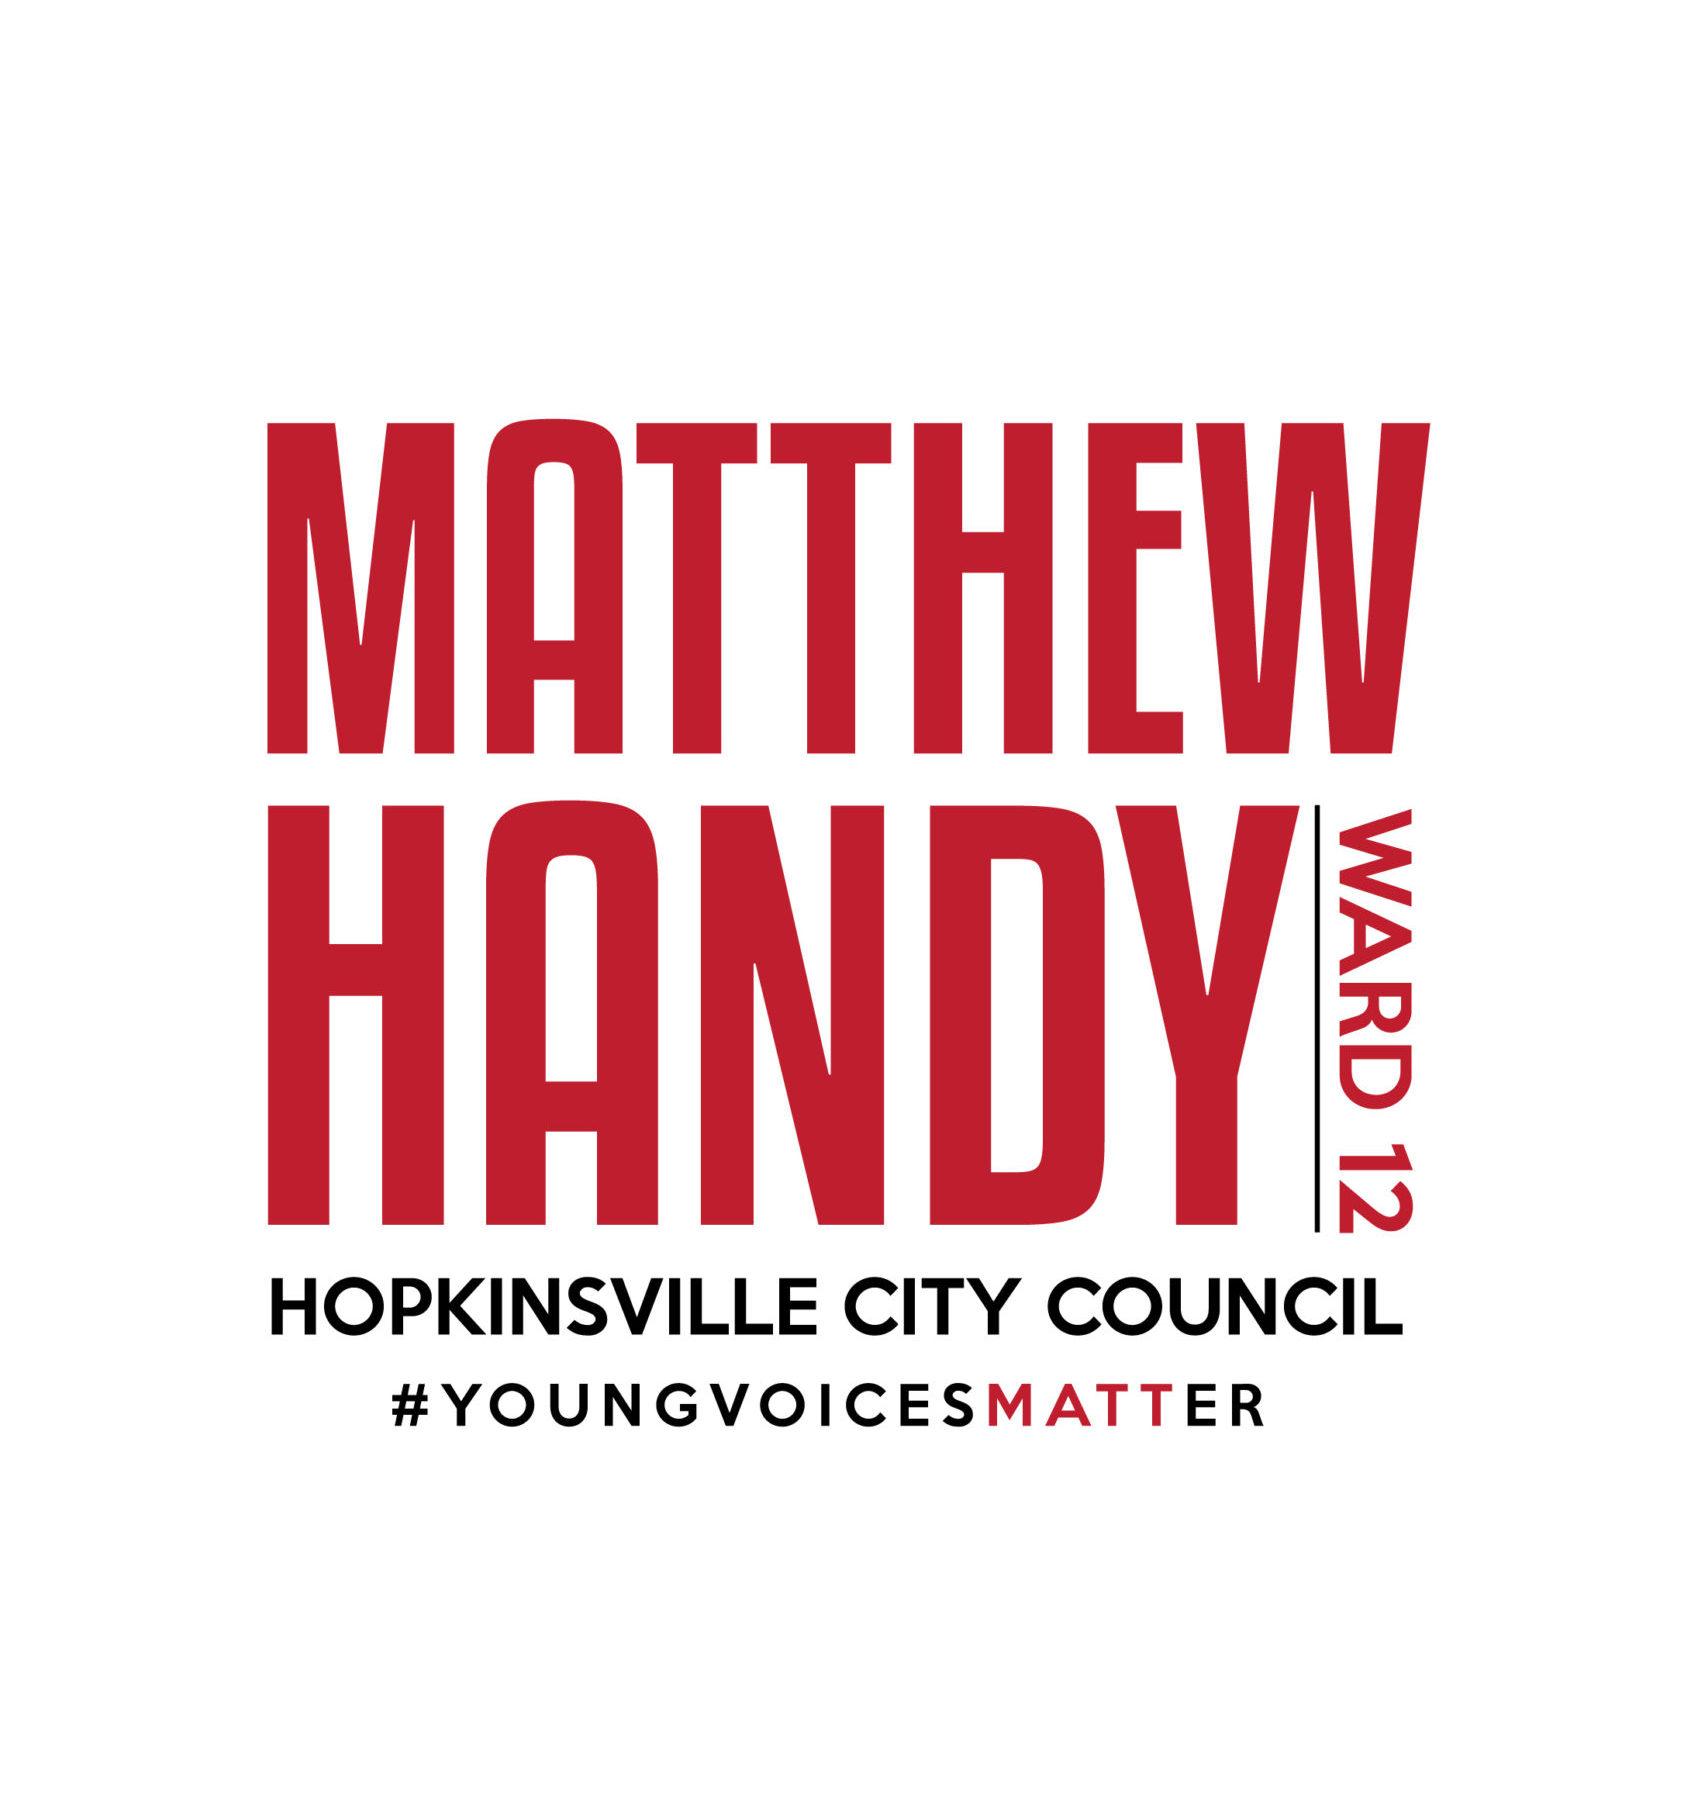 City Council Logo Design